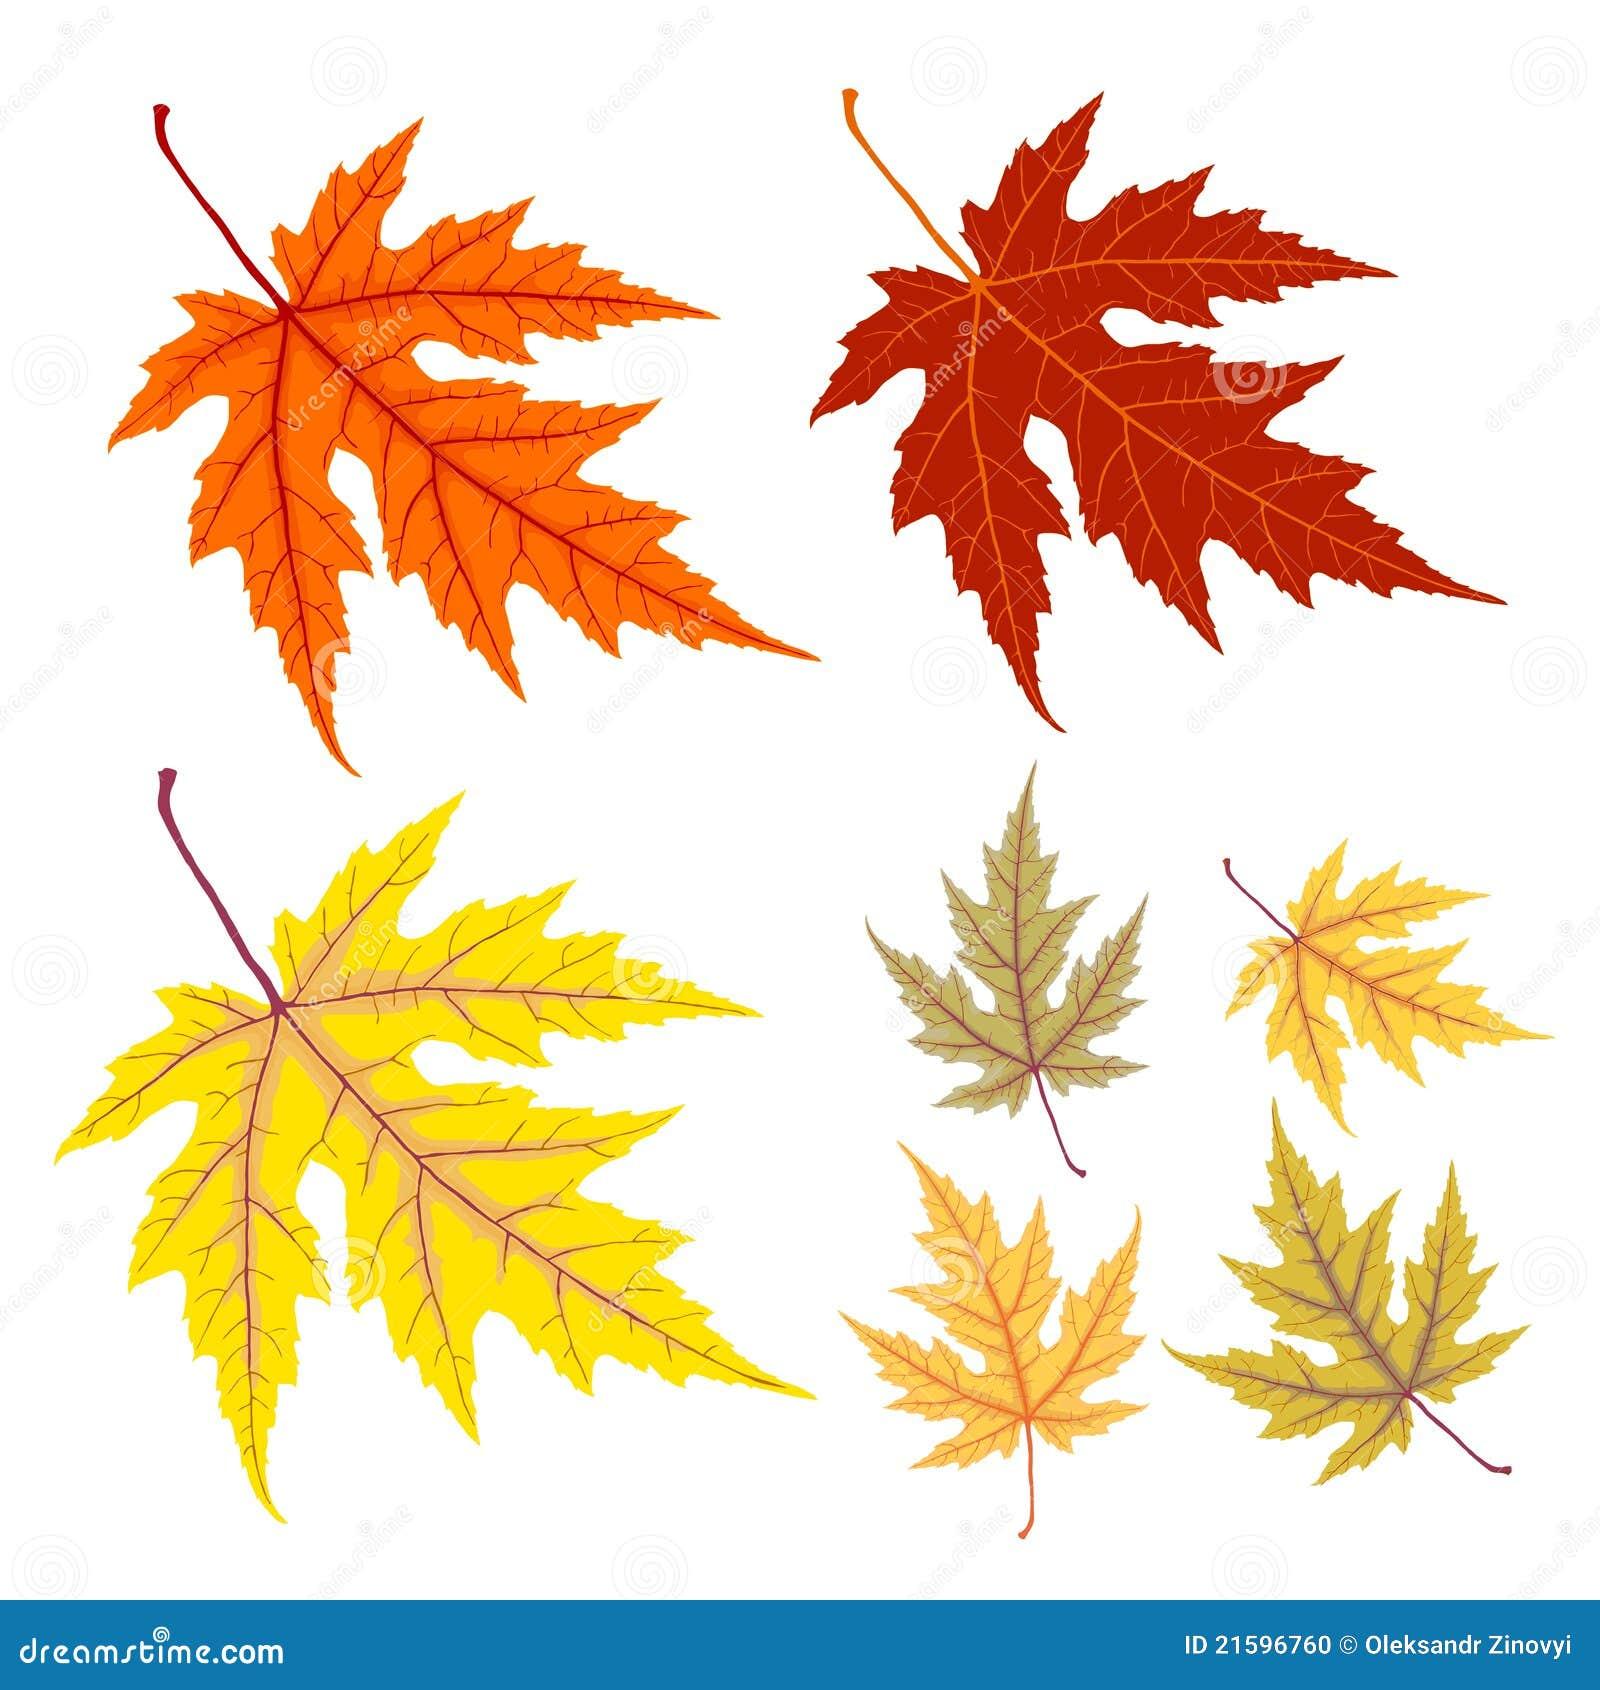 Folha Amarela E Vermelha Do Outono Ilustração Do Vetor